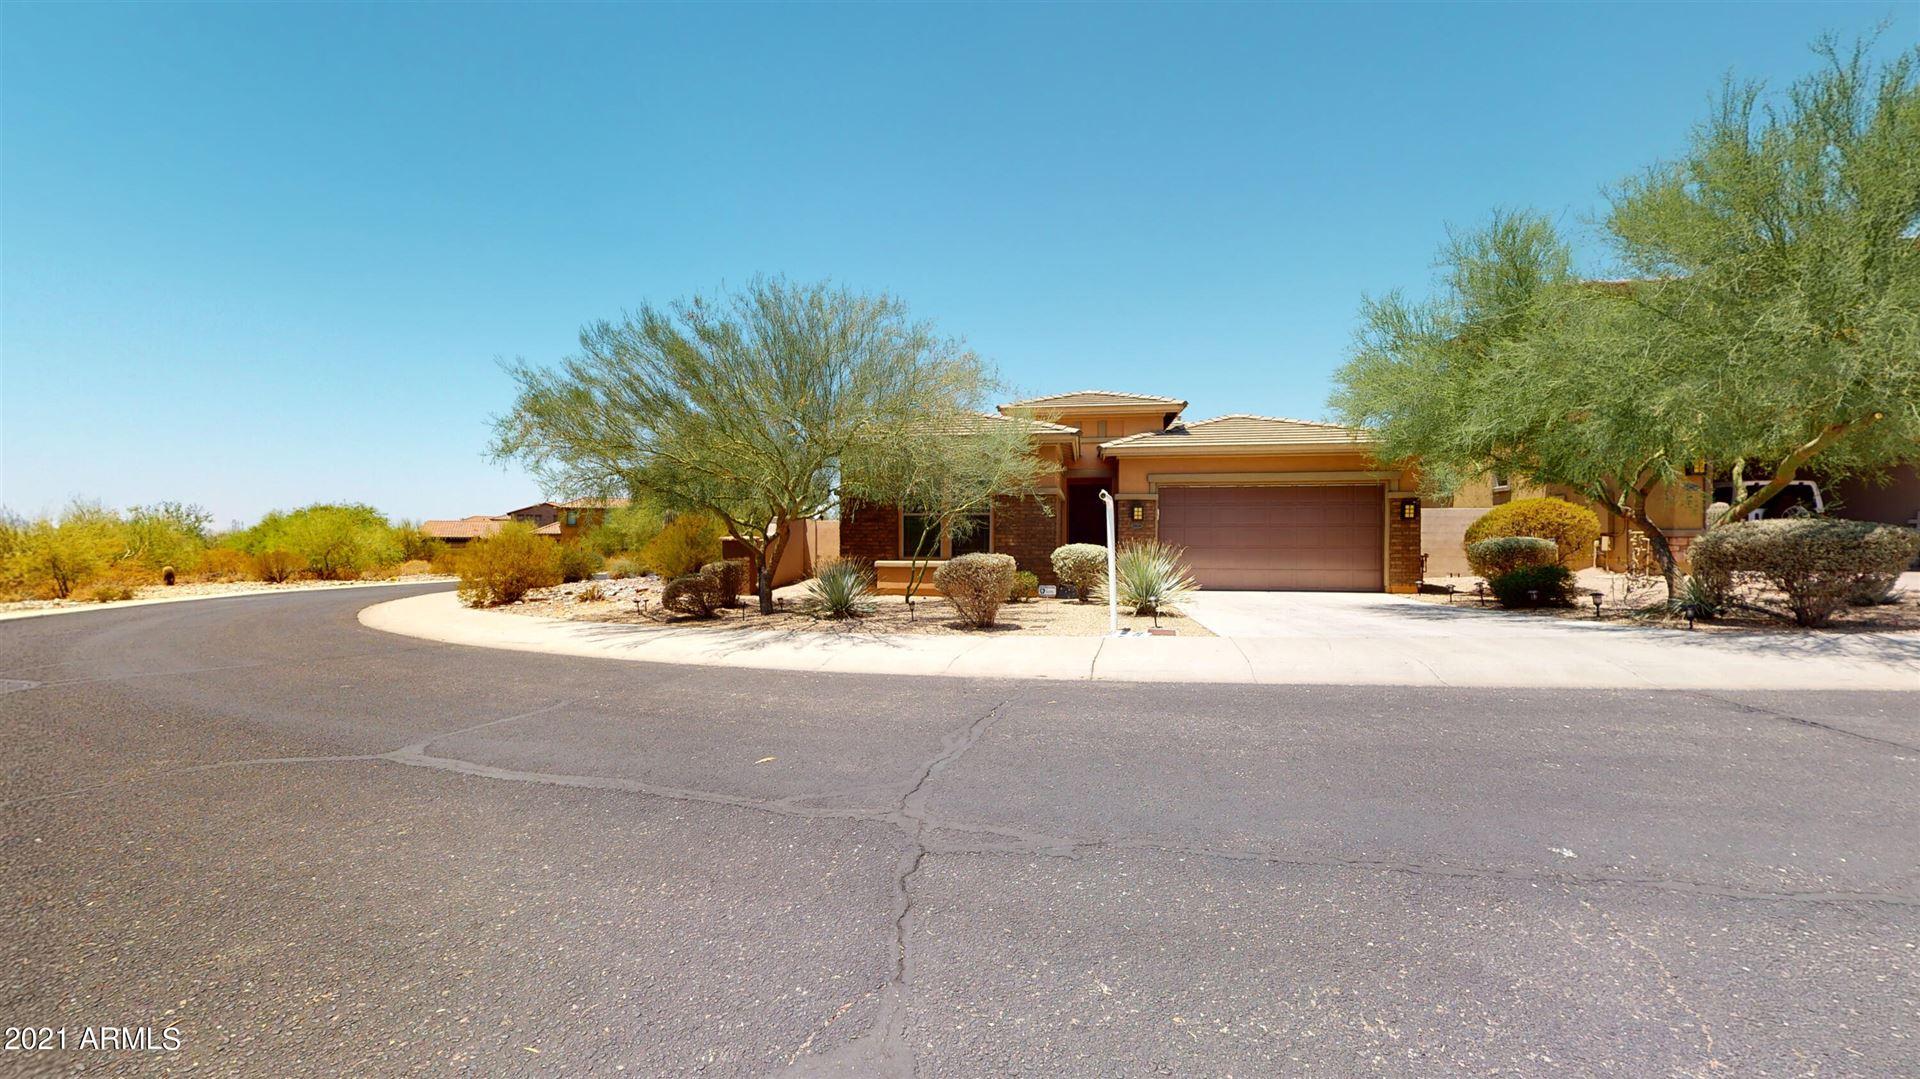 10006 E HILLSIDE Drive, Scottsdale, AZ 85255 - MLS#: 6265586